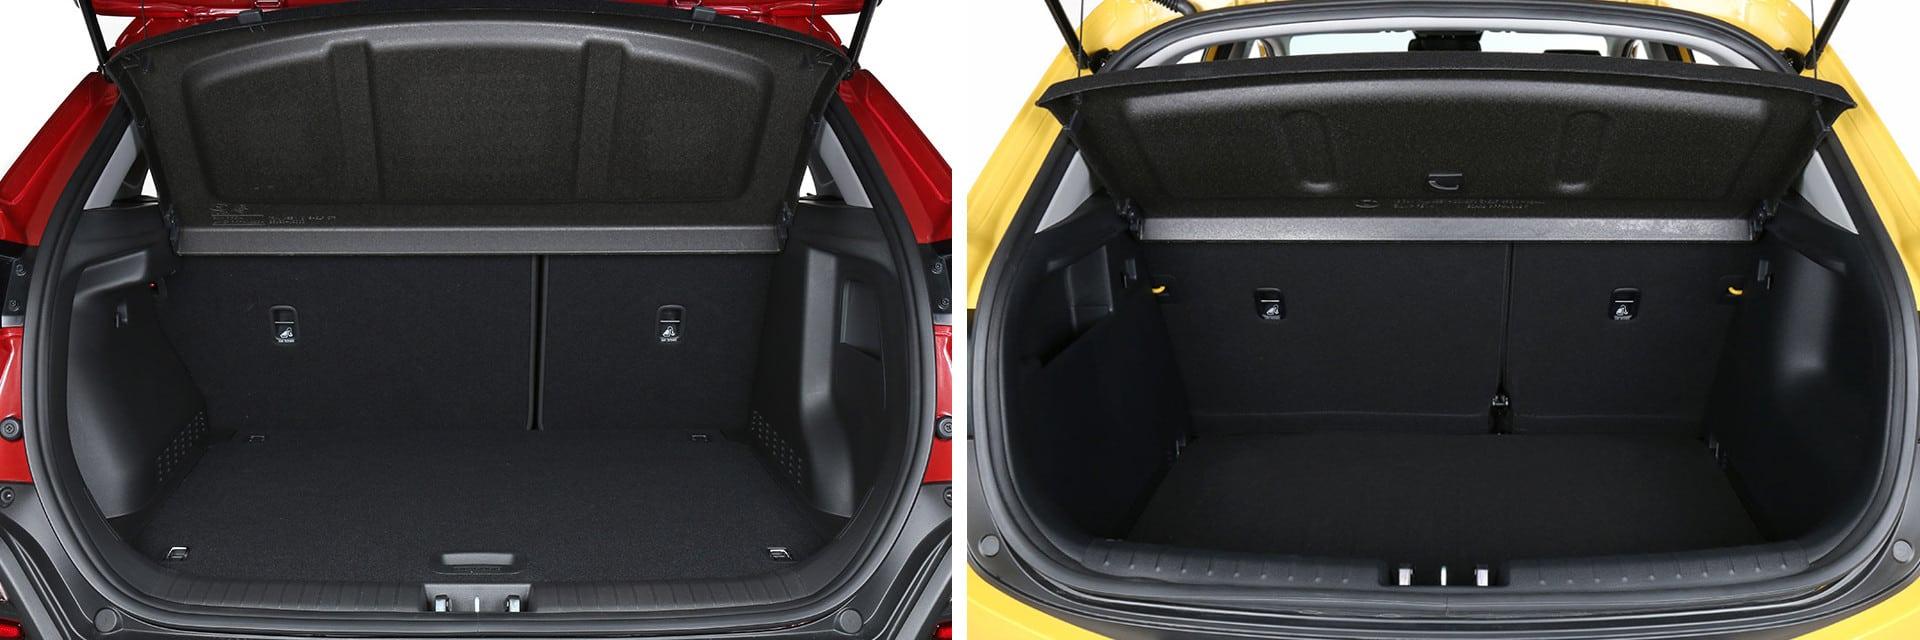 Las fotos del Hyundai Kona corresponden al acabado Klass. Las fotos del KIA Stonic corresponden al acabado Tech. Fotos cedidas por km77.